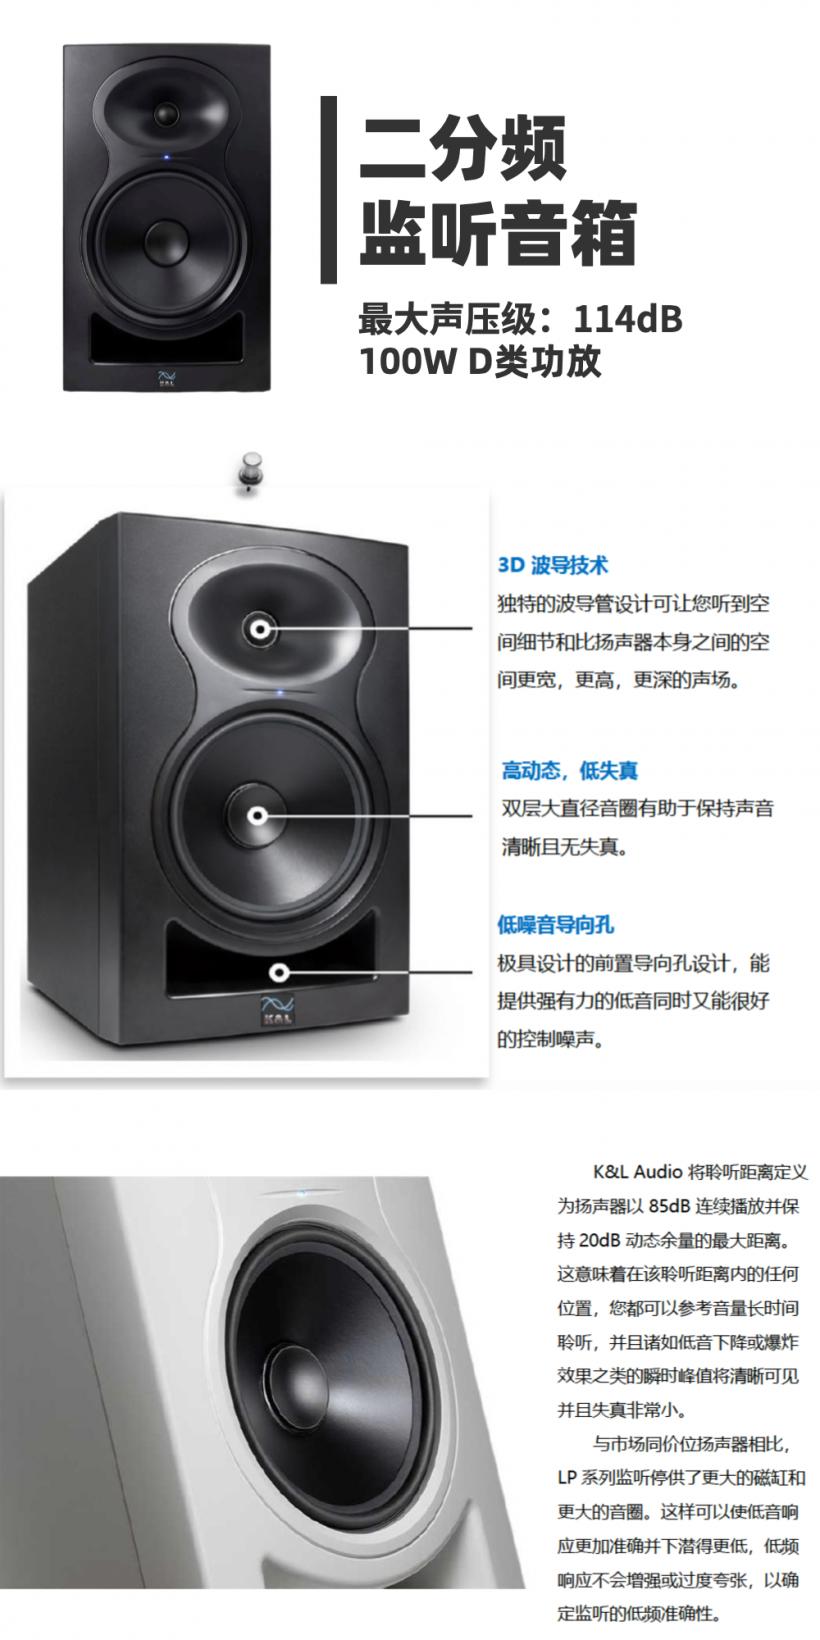 社区福利:晒出你的音箱照片,抽两对 K&L KLP-6 监听音箱